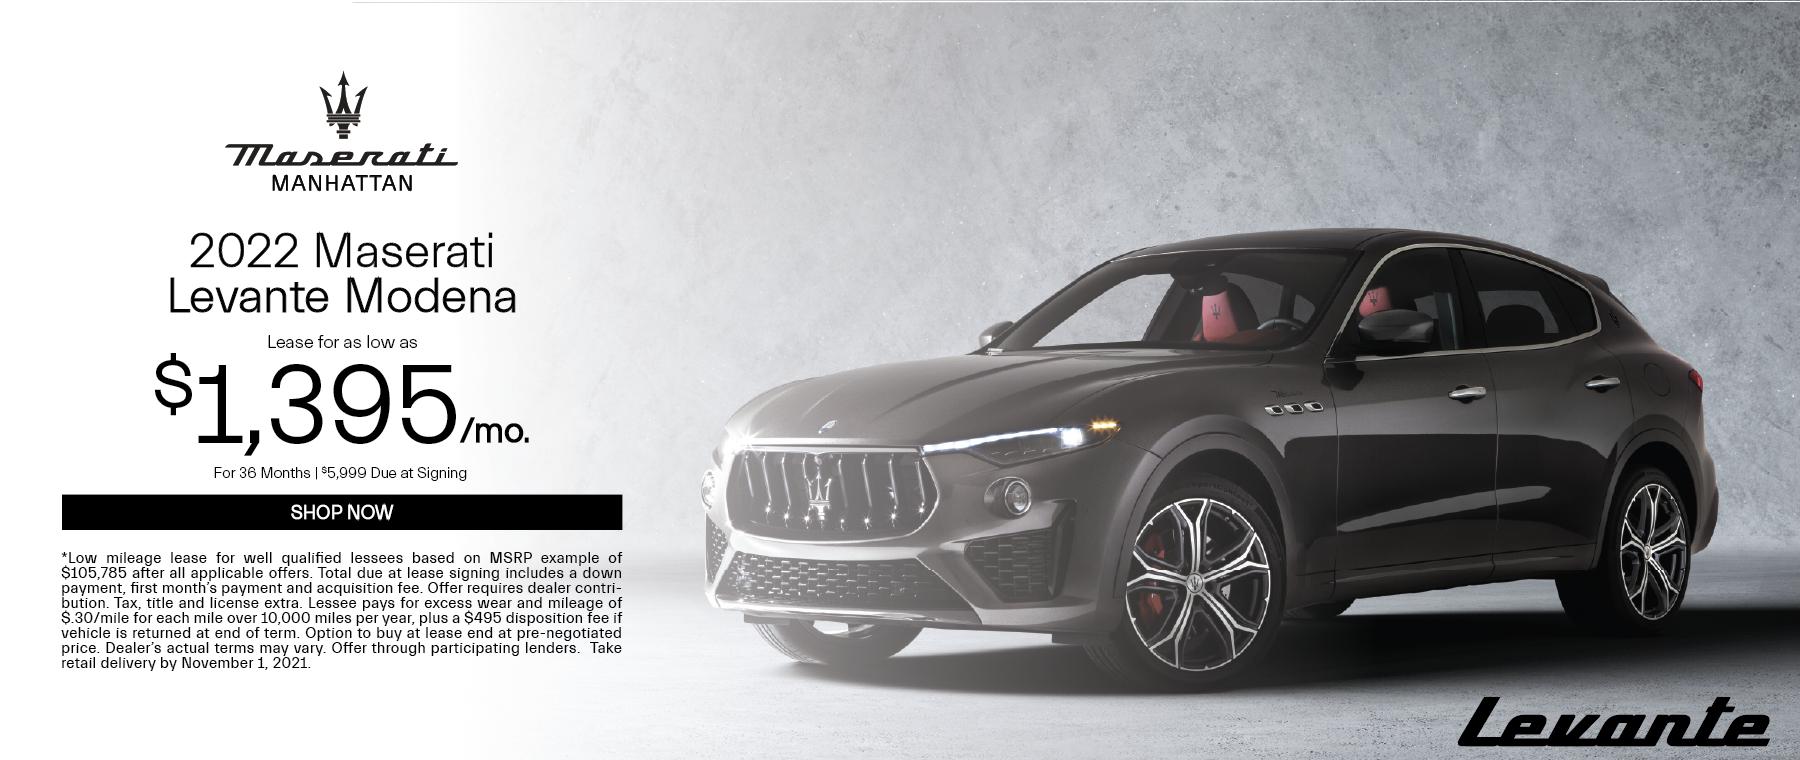 2022 Maserati Levante Modena